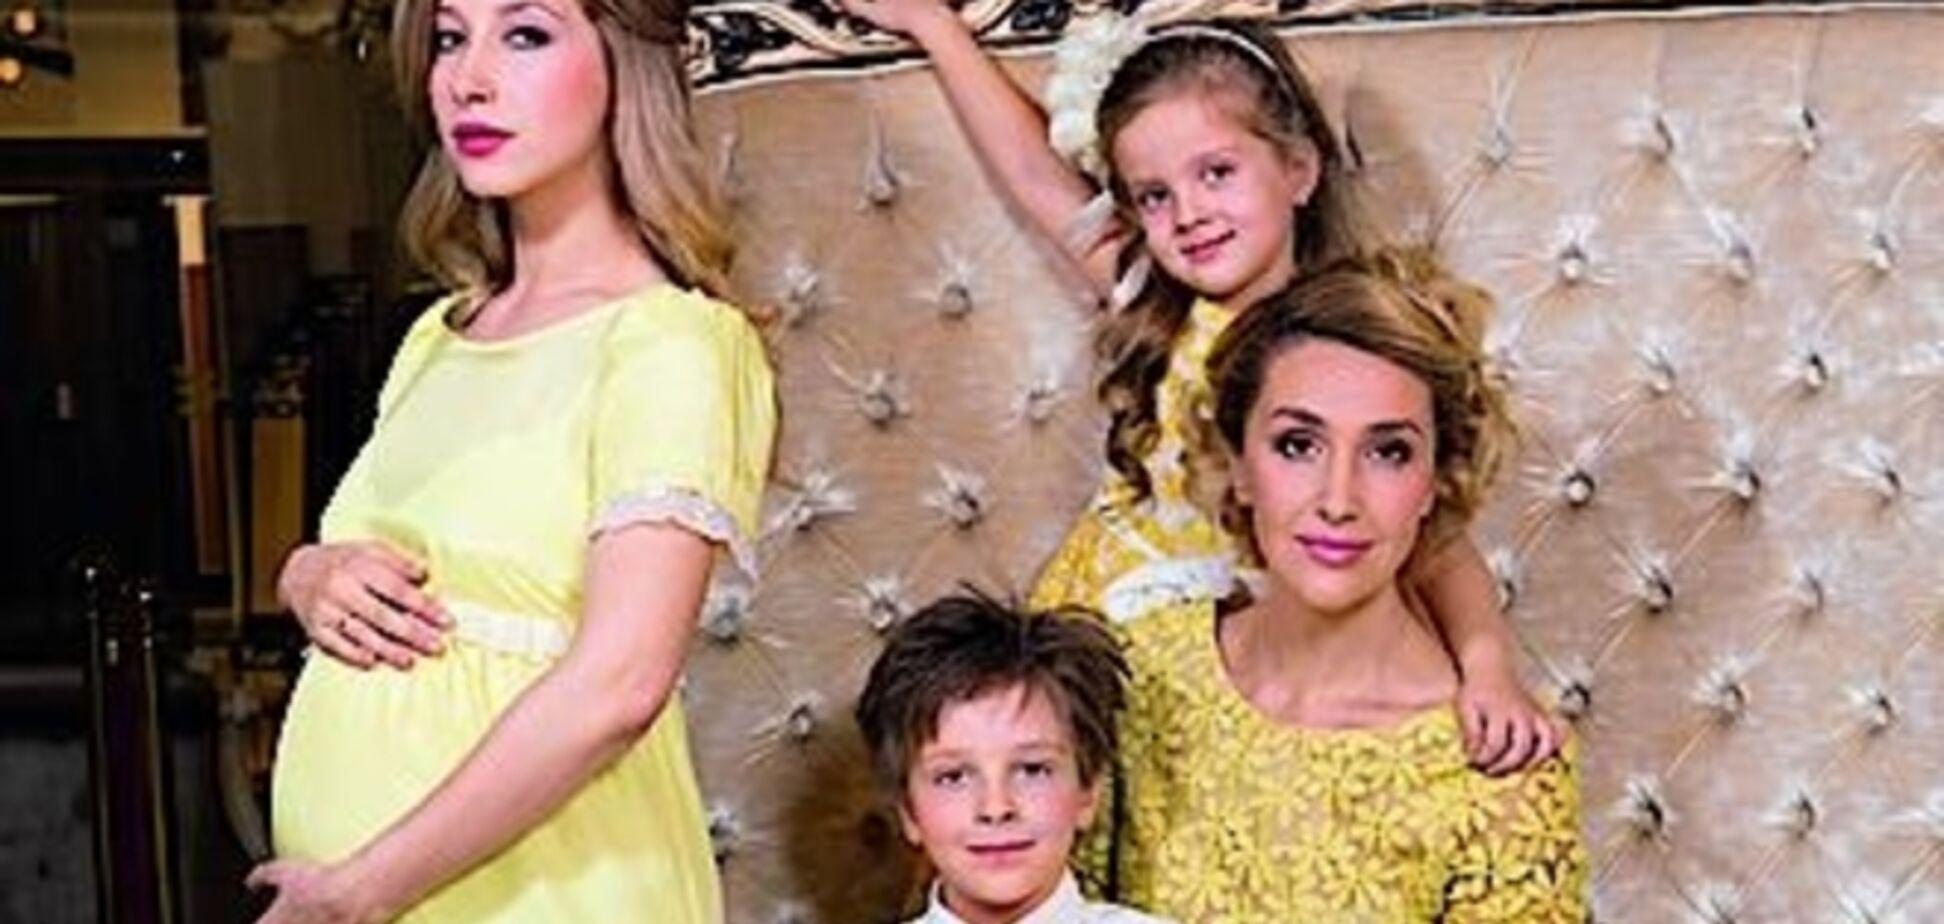 Телеведуча Сніжана Єгорова розкрила брудні подробиці розлучення з Мухарським